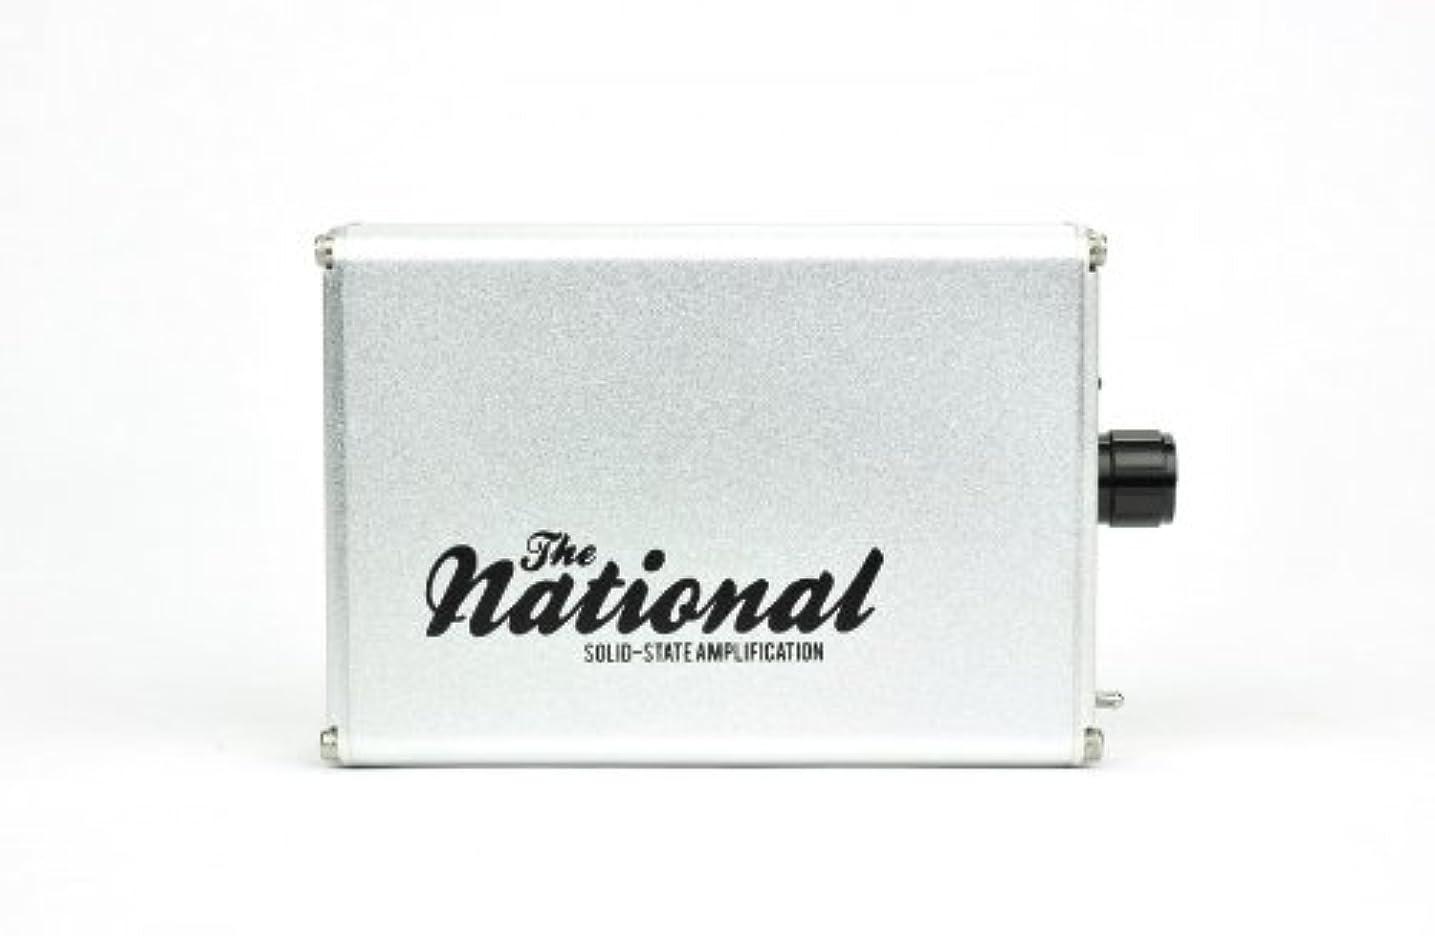 蓮差別化する量でALO audio The National Amp シルバー ポータブルヘッドホンアンプ ALO-1375